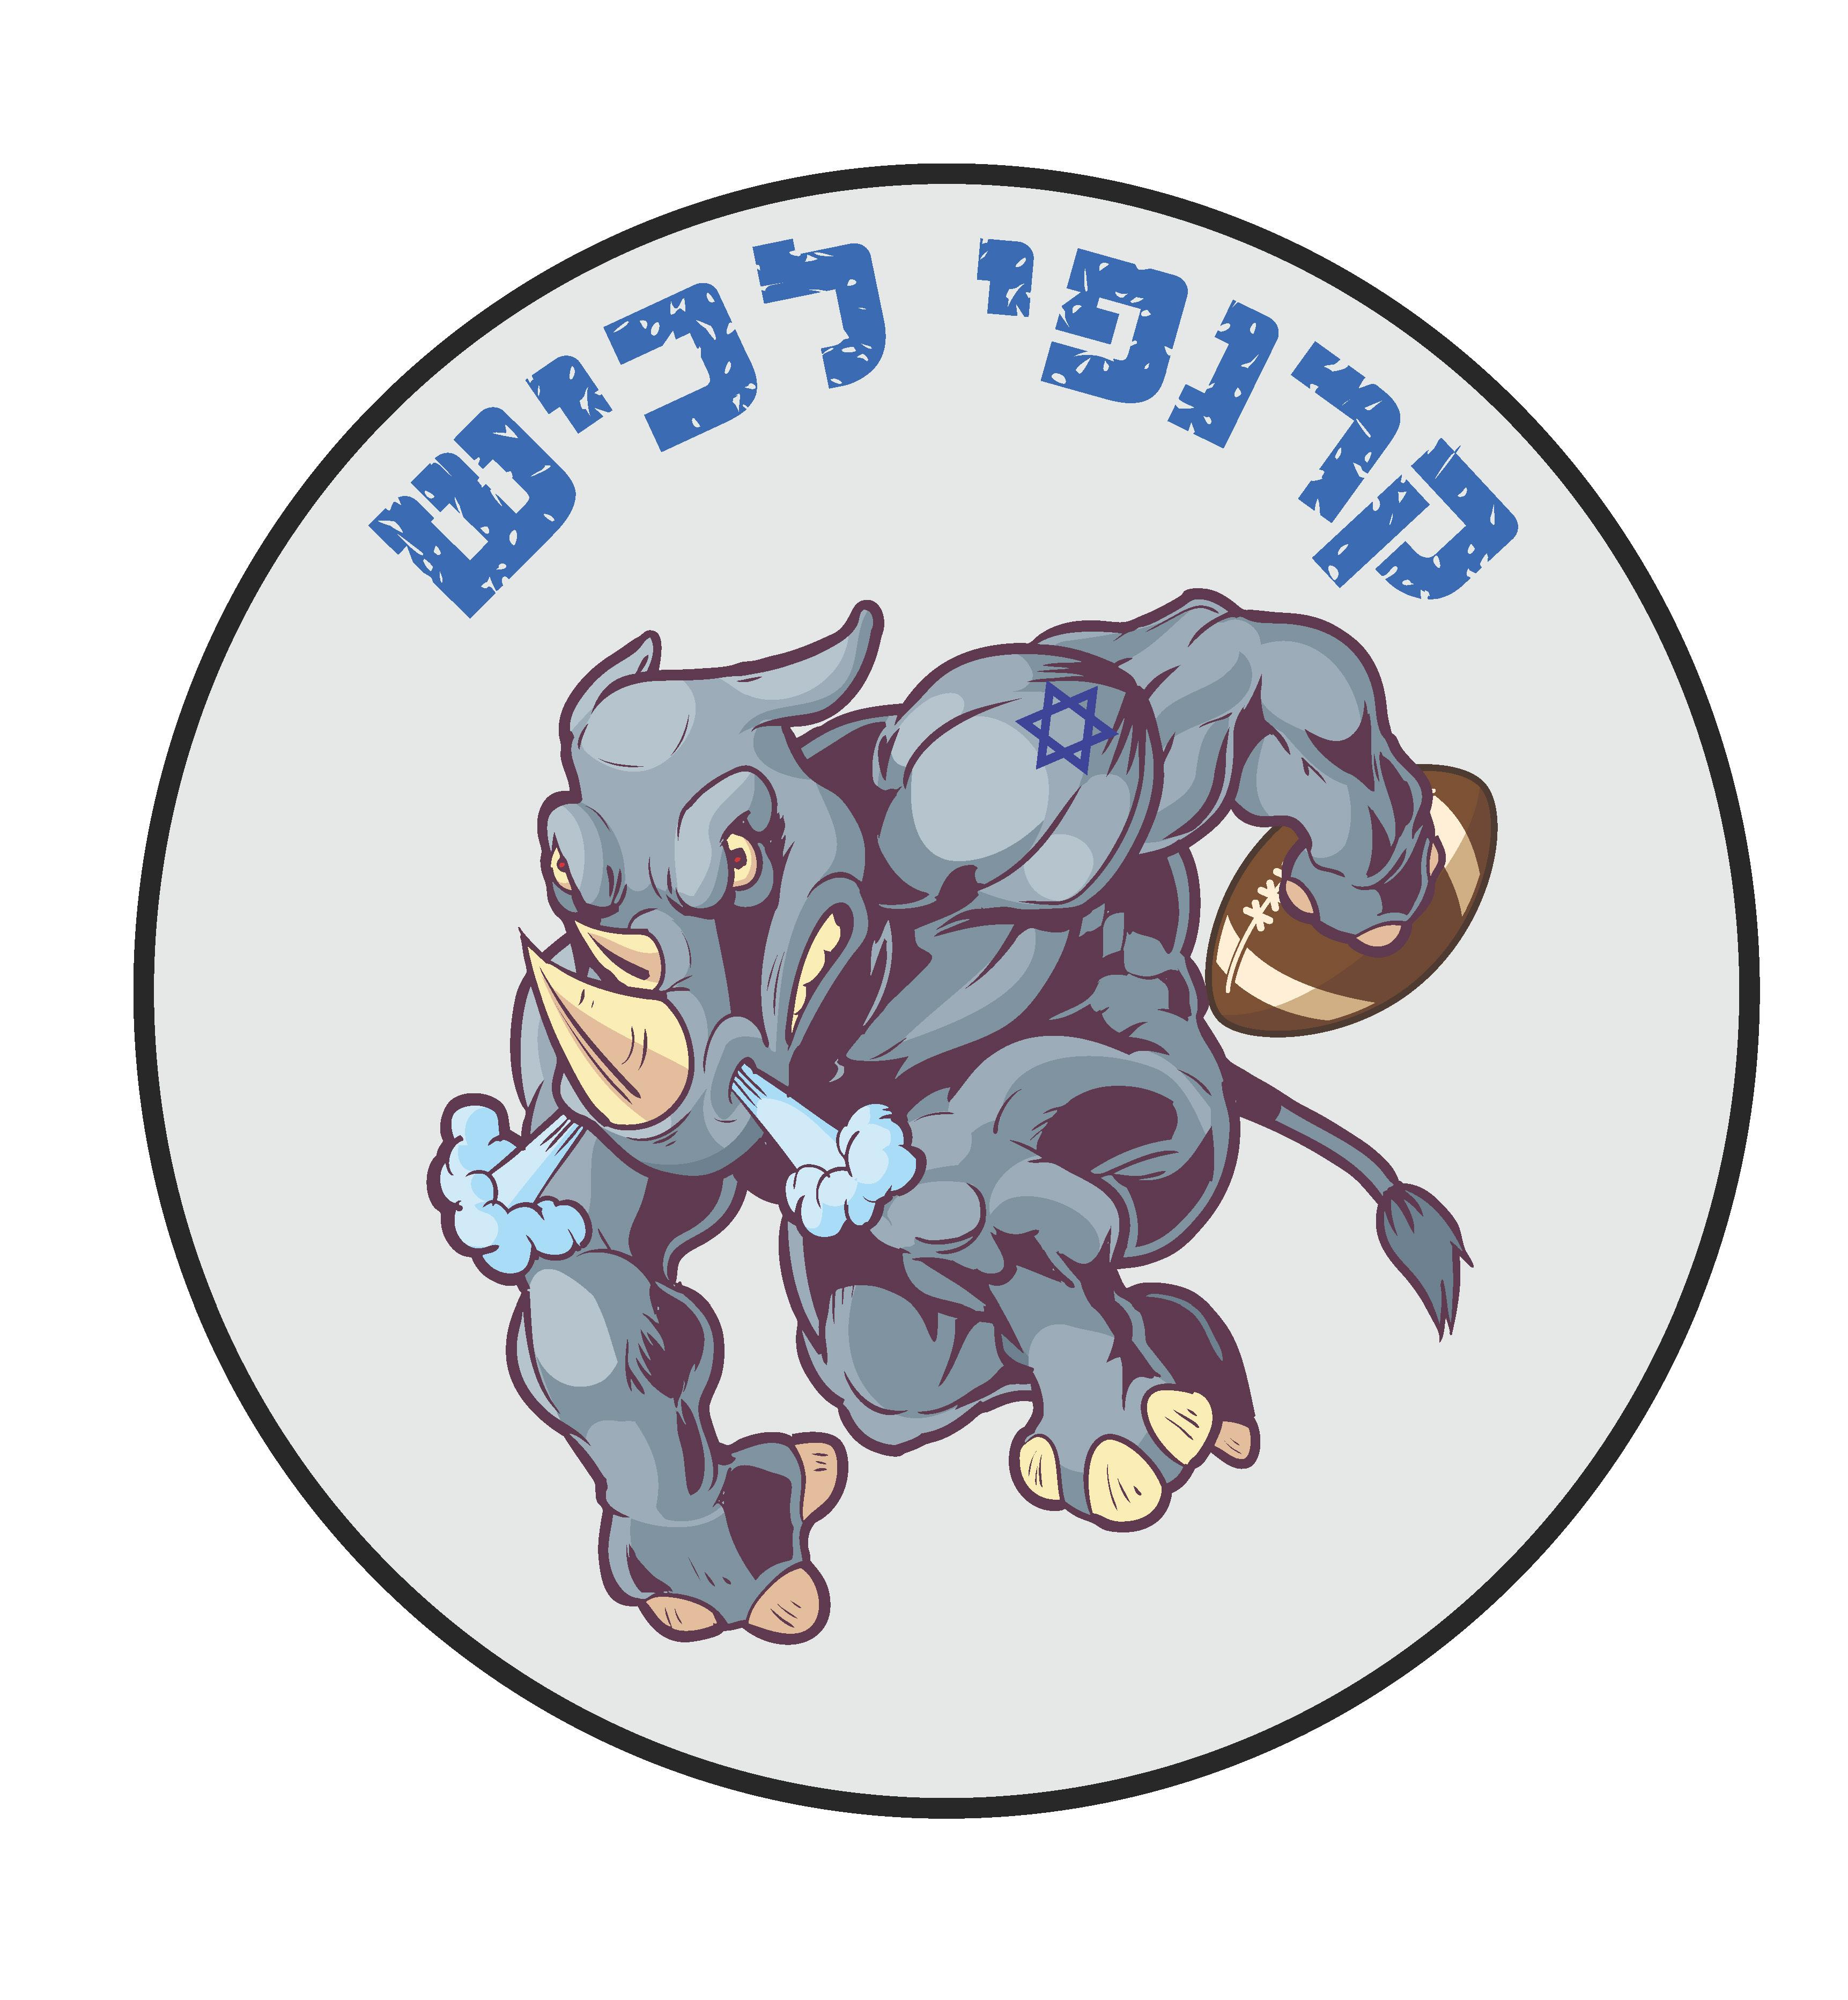 lachish_rhinos-logo